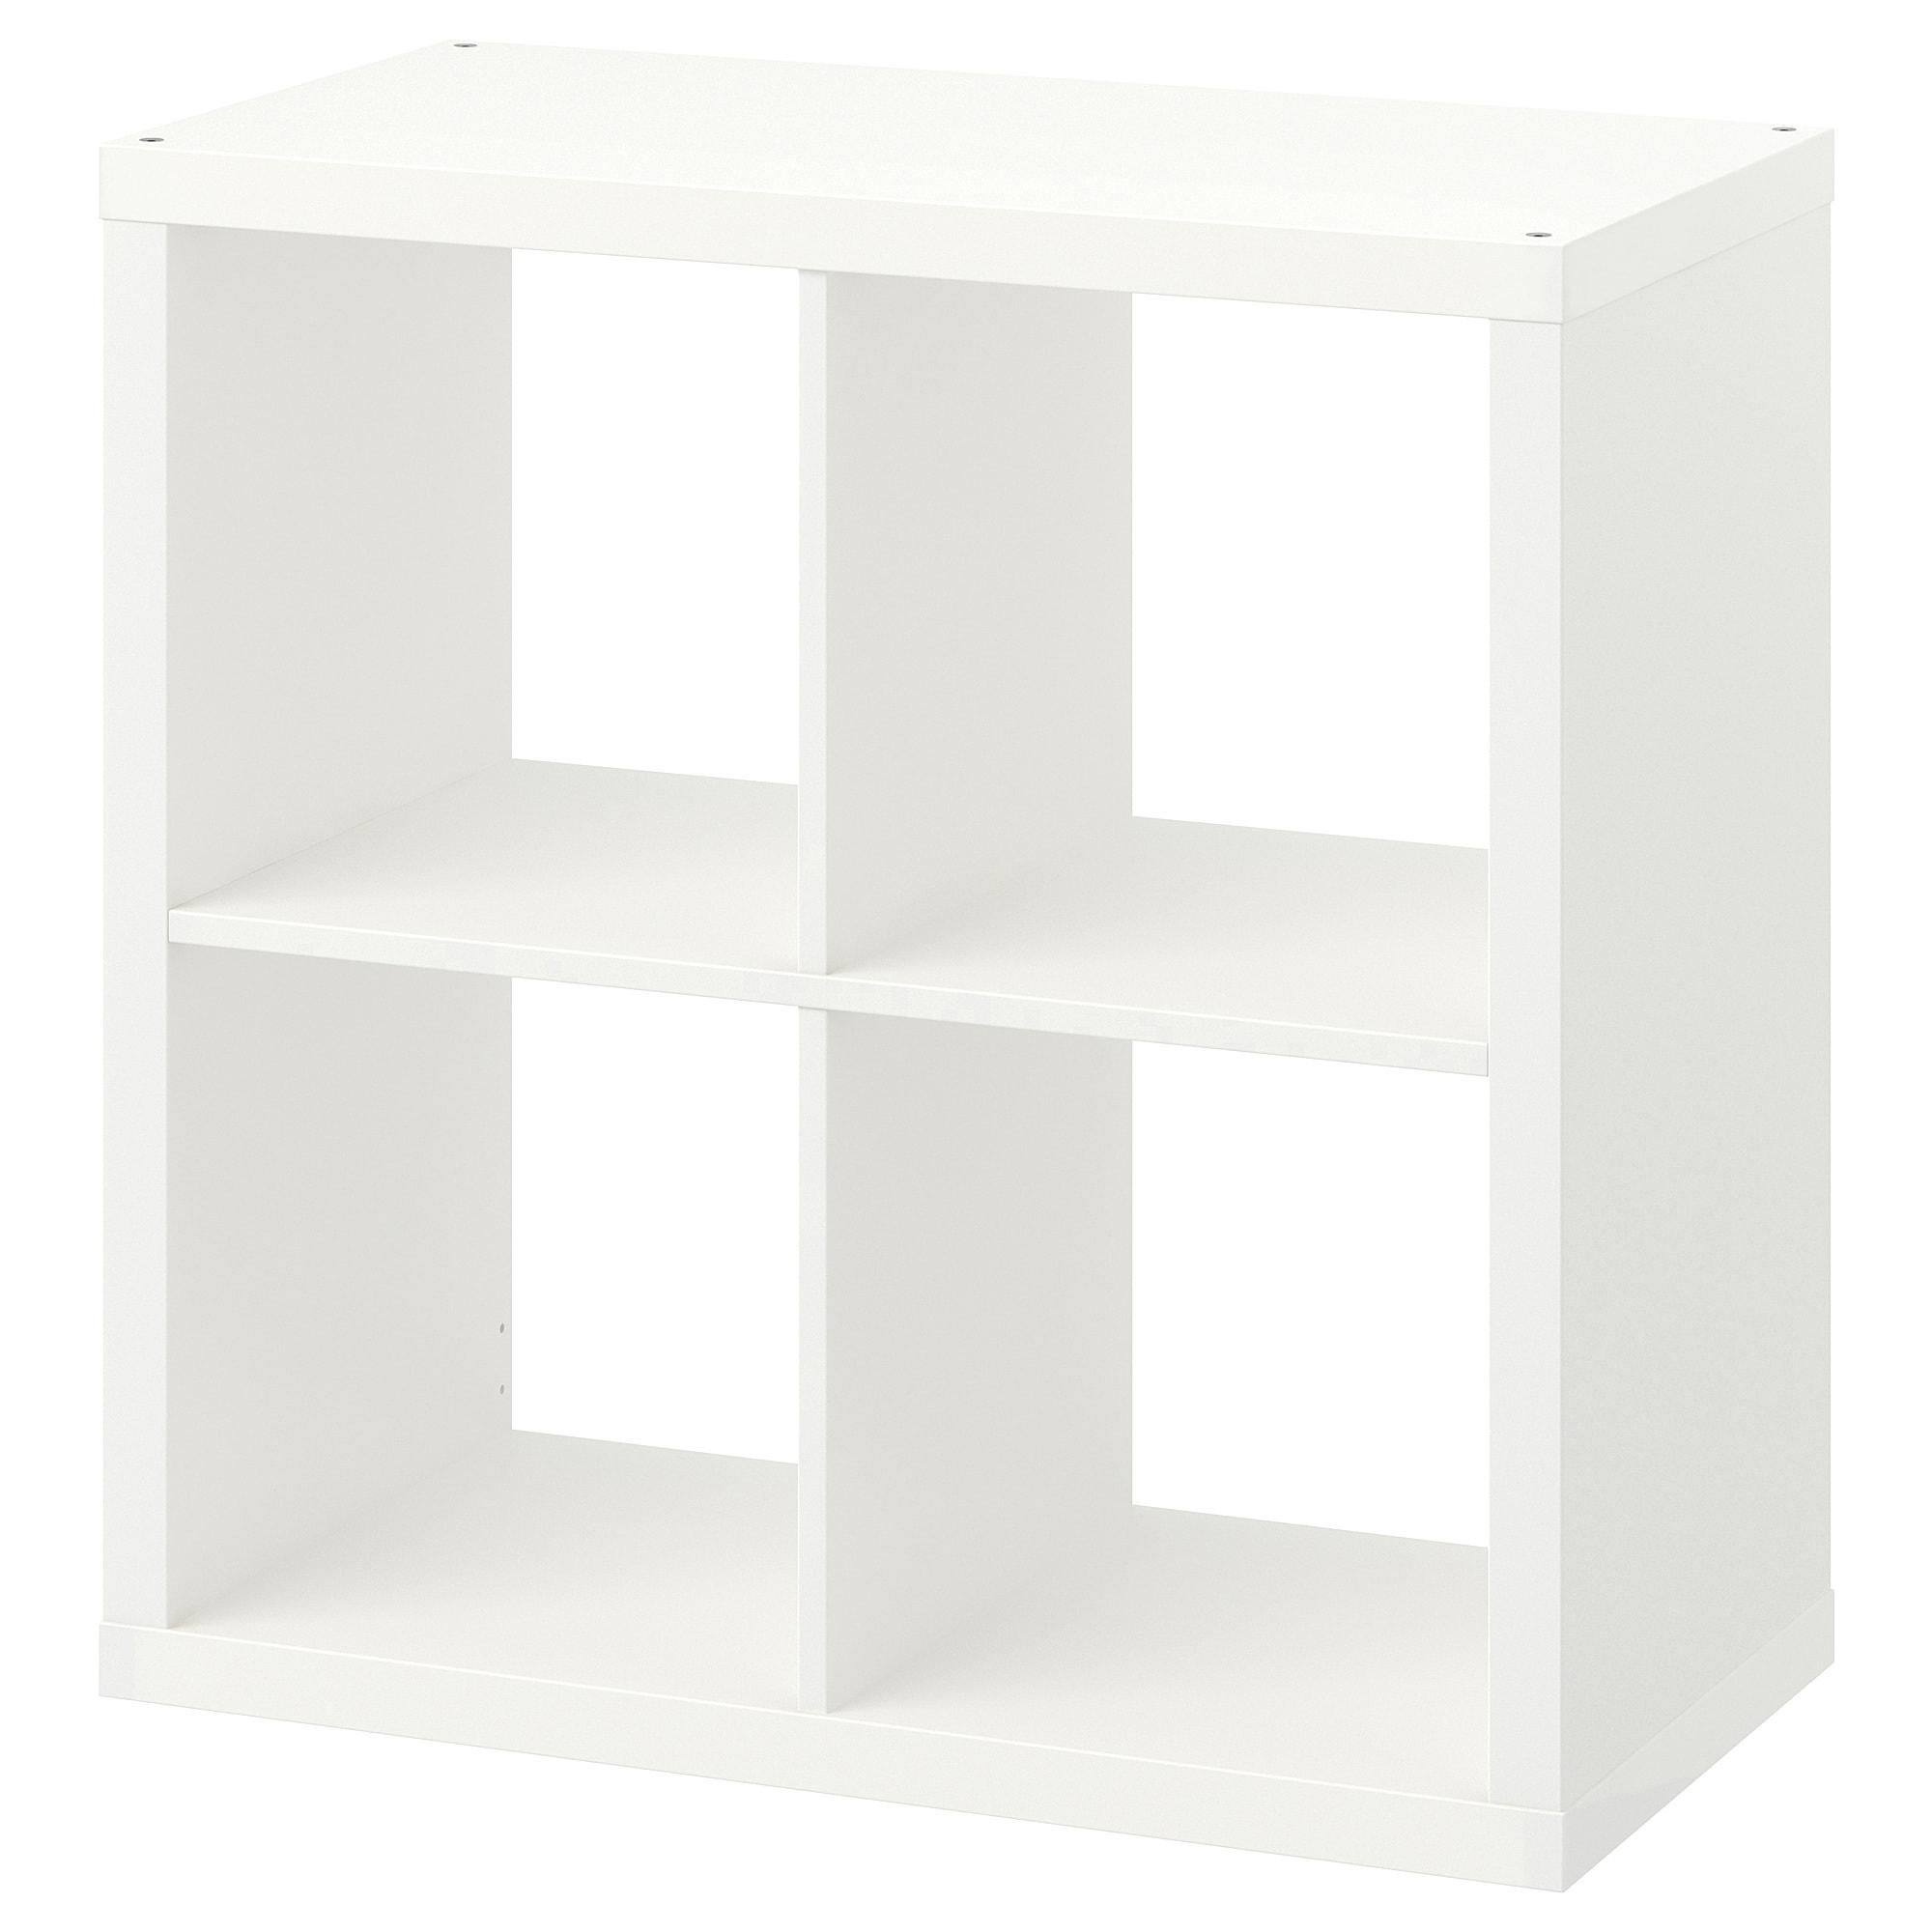 Sgabello Bambini Bagno Ikea i 10 mobili ikea che non possono mancare a casa tua - sos